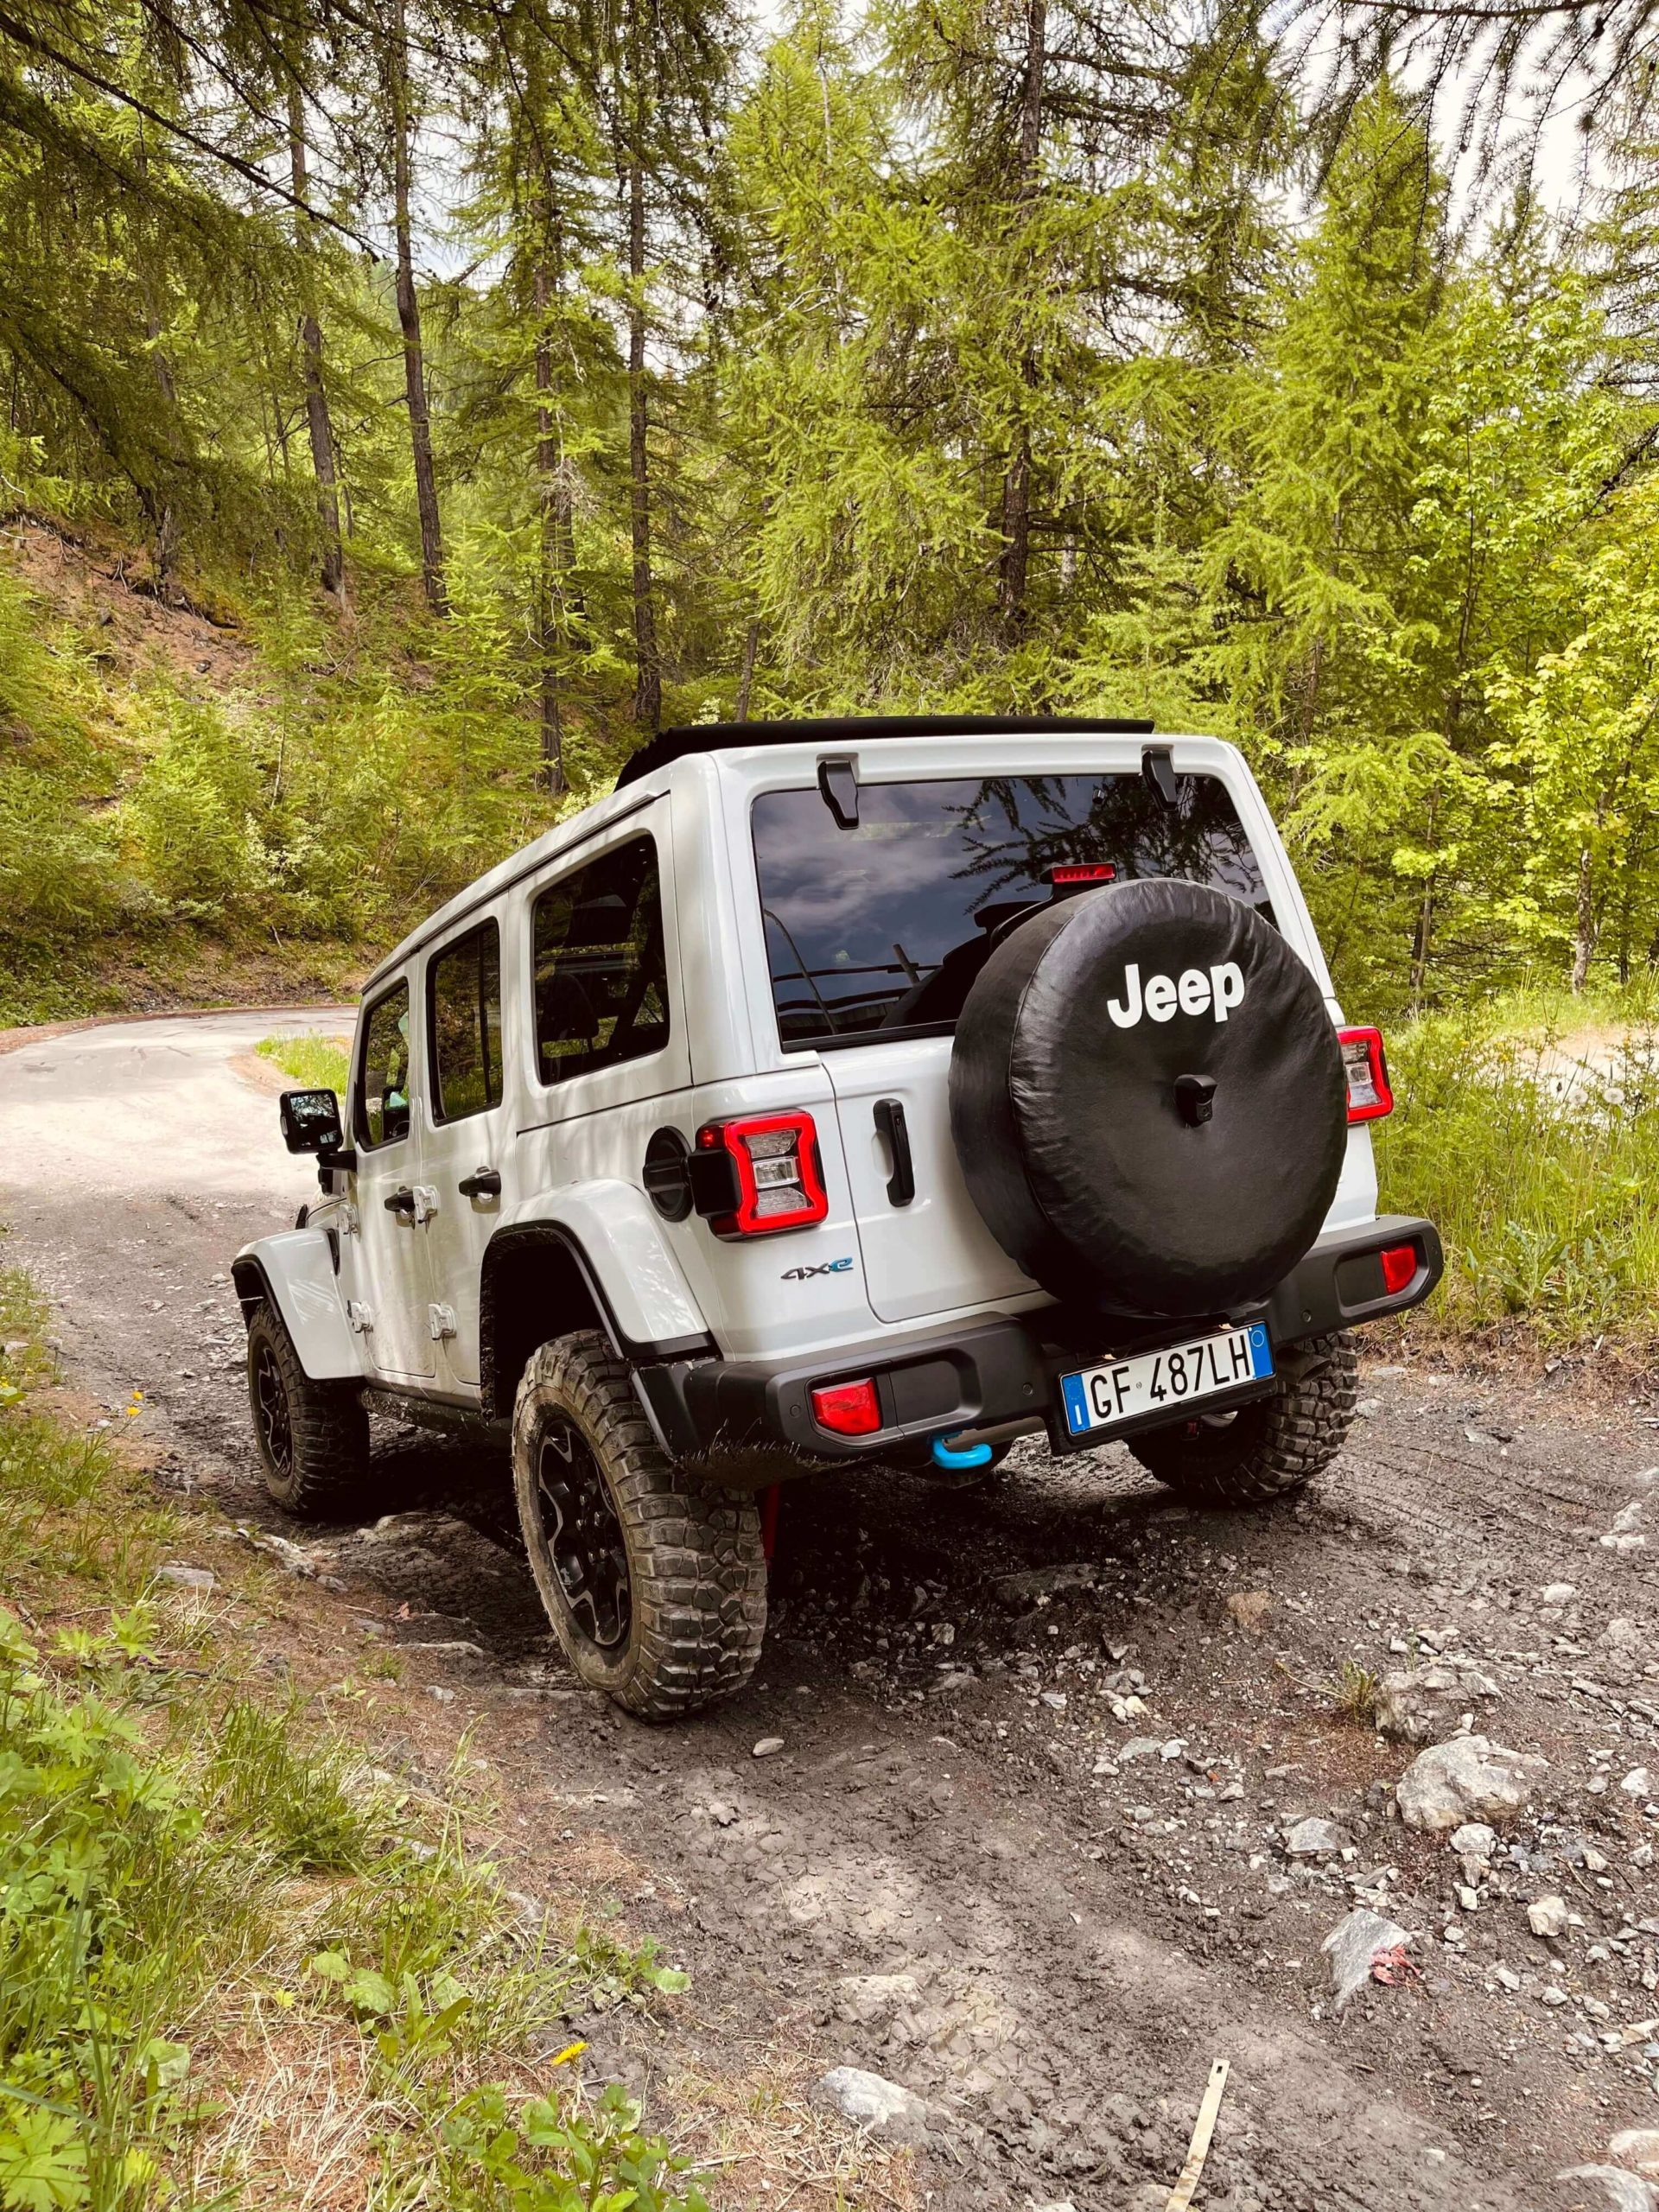 JeepWranger4xeRubicon